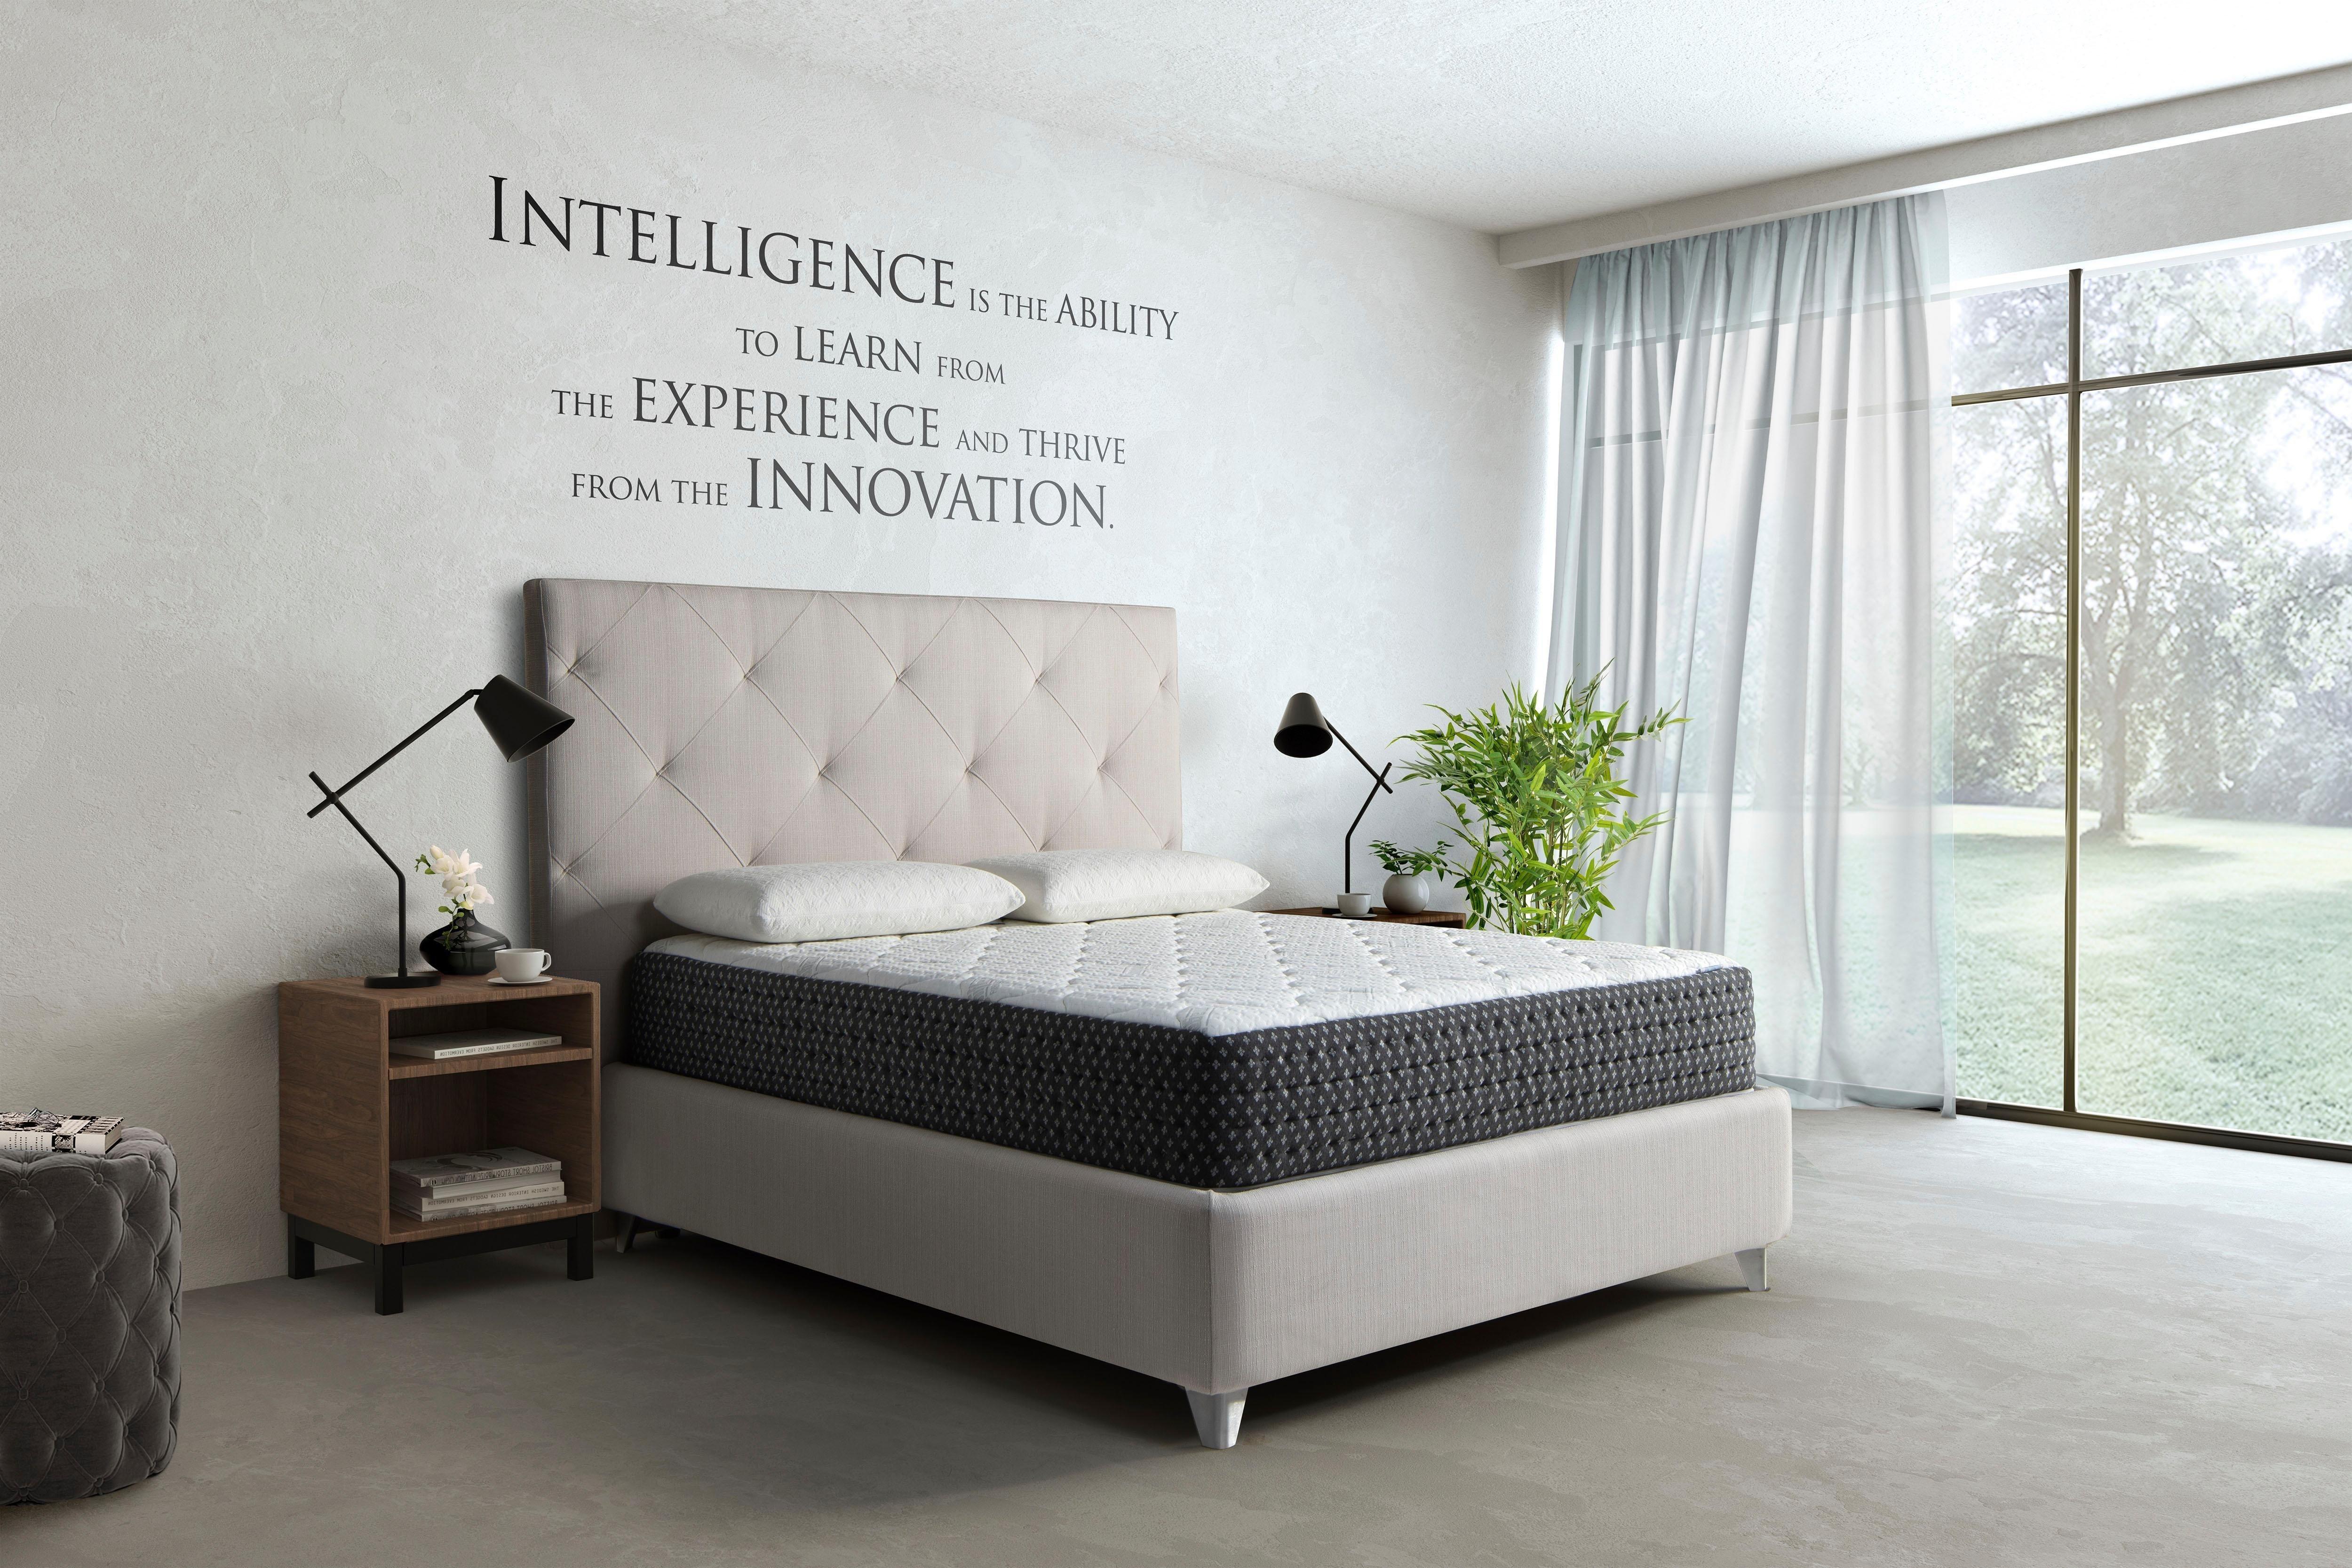 Visco Matratze Memorabile 8 Magniflex 20 Cm Hoch In 2020 Diy Mobel Schlafzimmer Mobel Fur Kleine Raume Diy Mobel Einfach